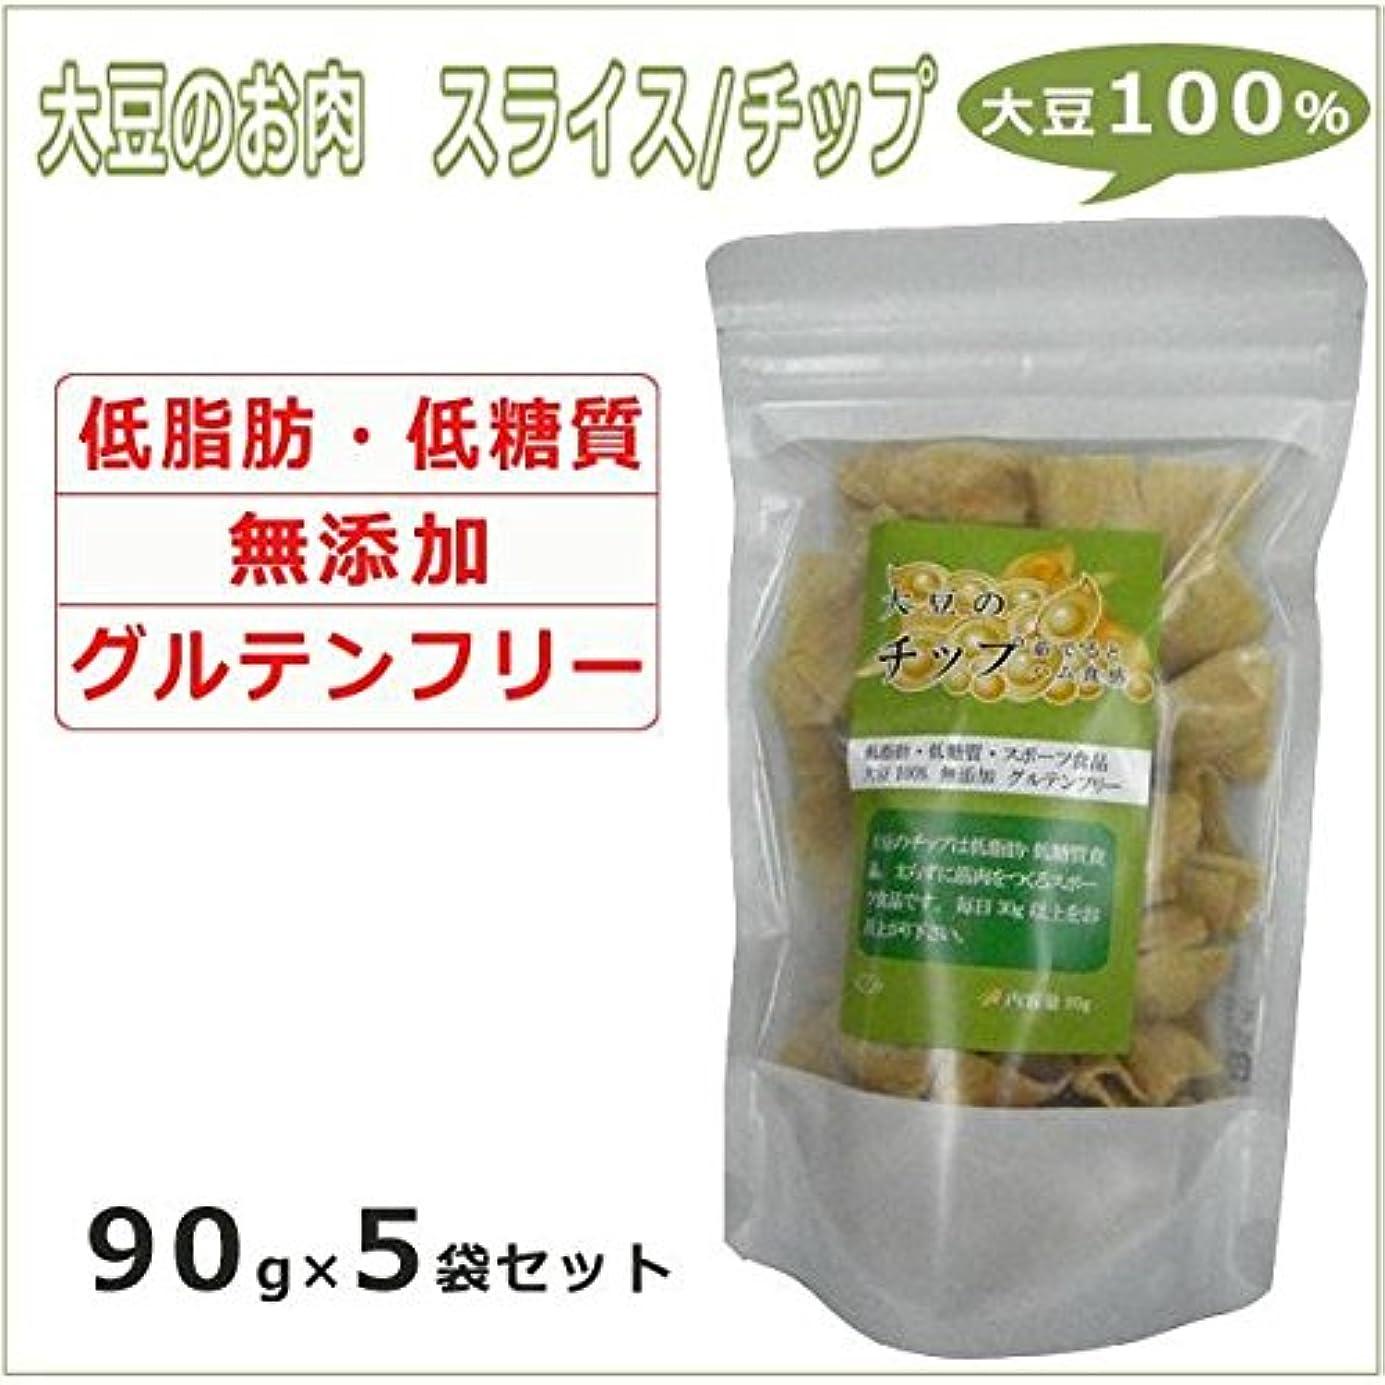 変動する学習者に変わる大豆のお肉 ソイミート スライス/チップ 90g×5袋